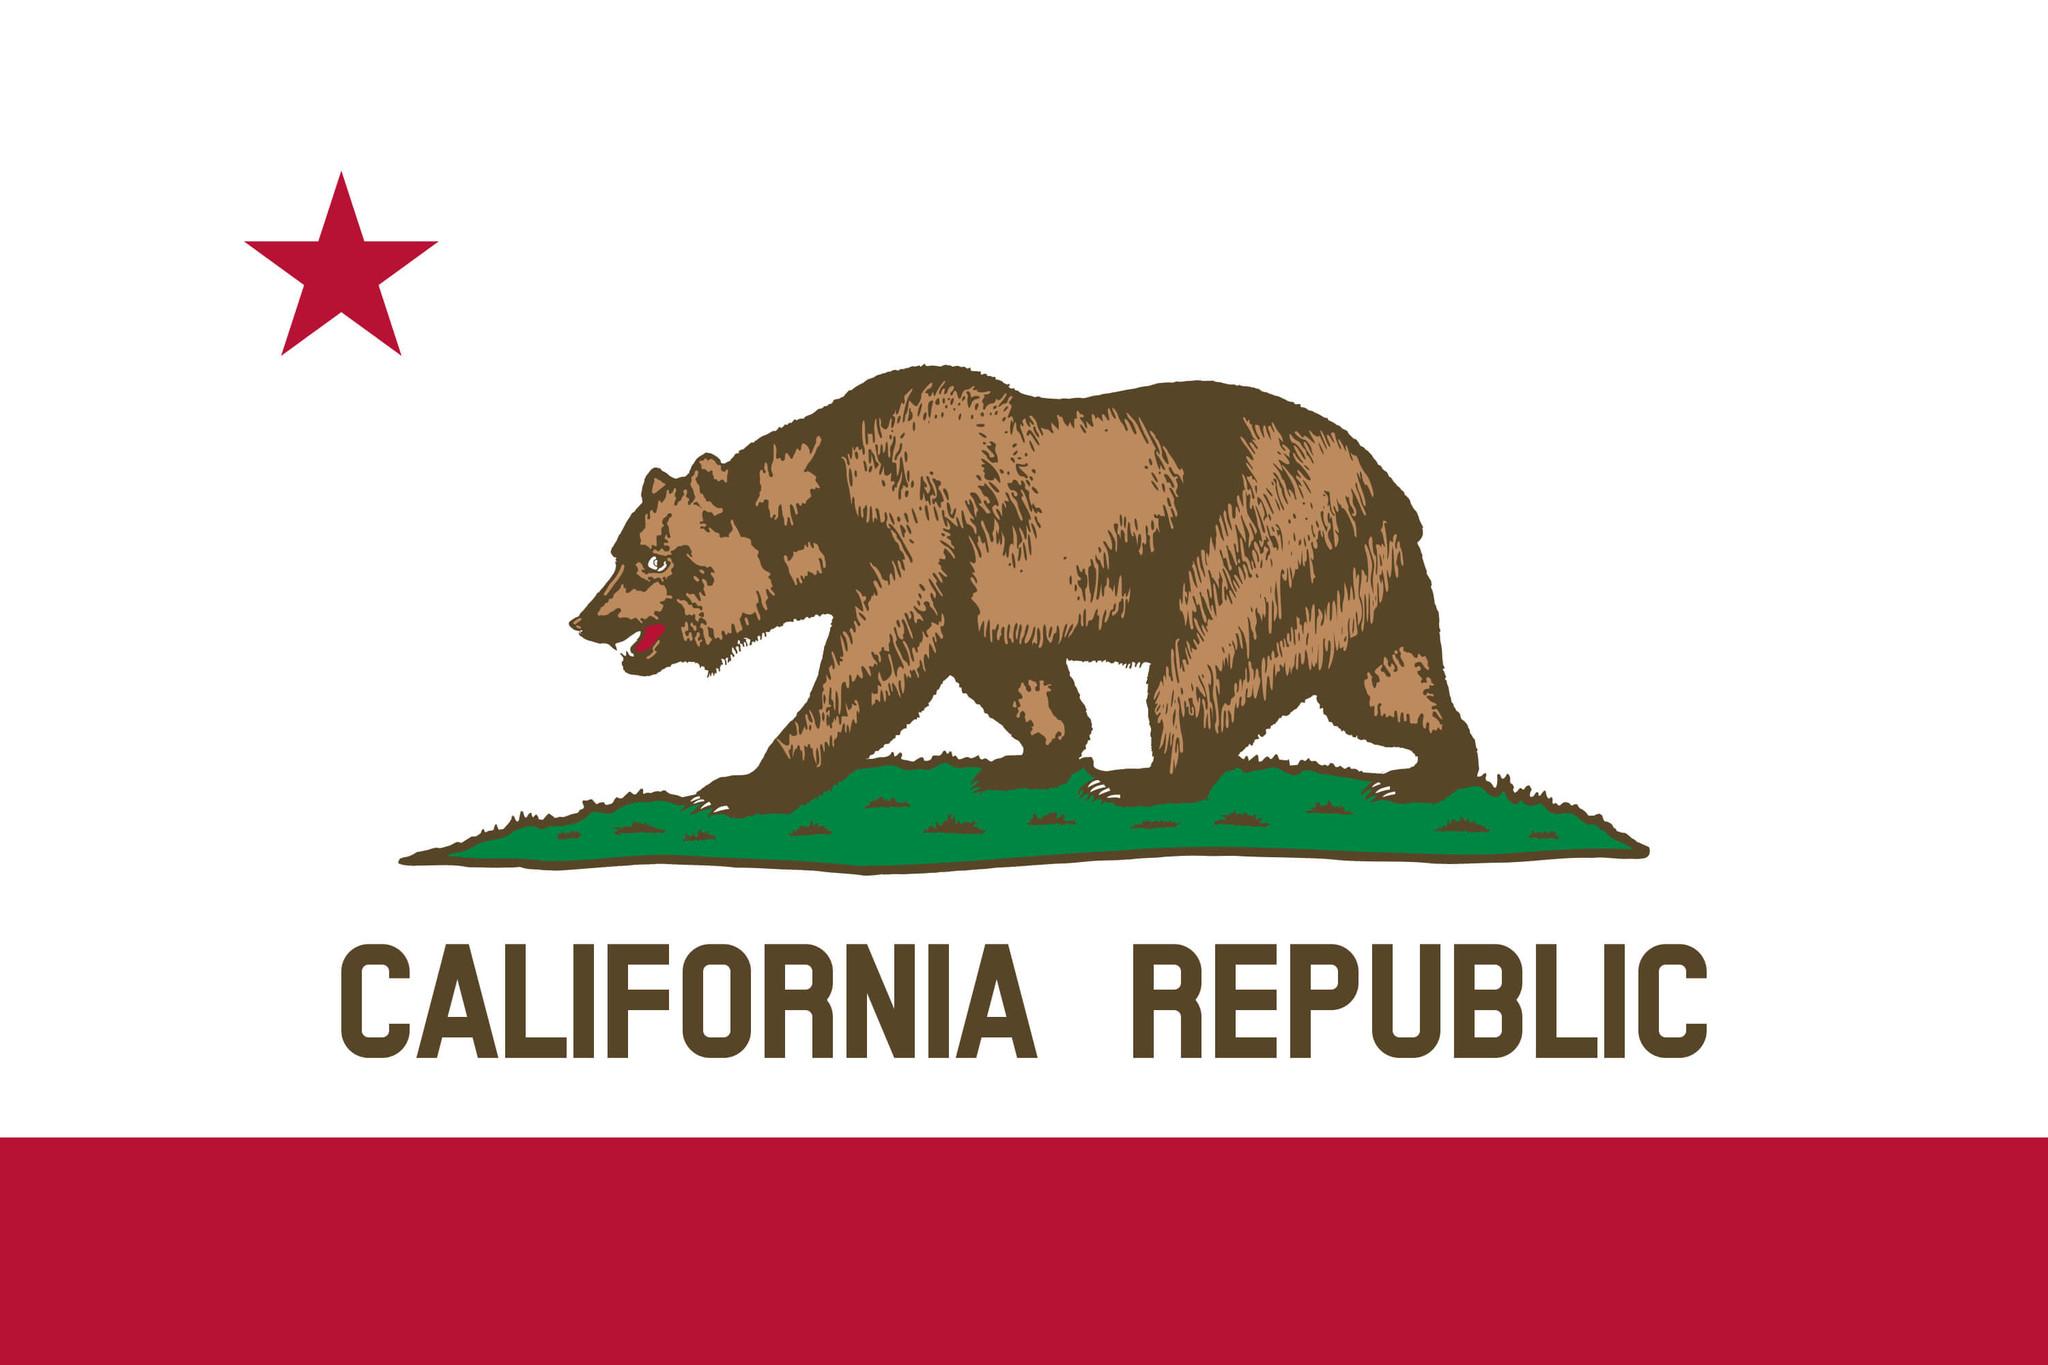 Flagge von Kalifornien